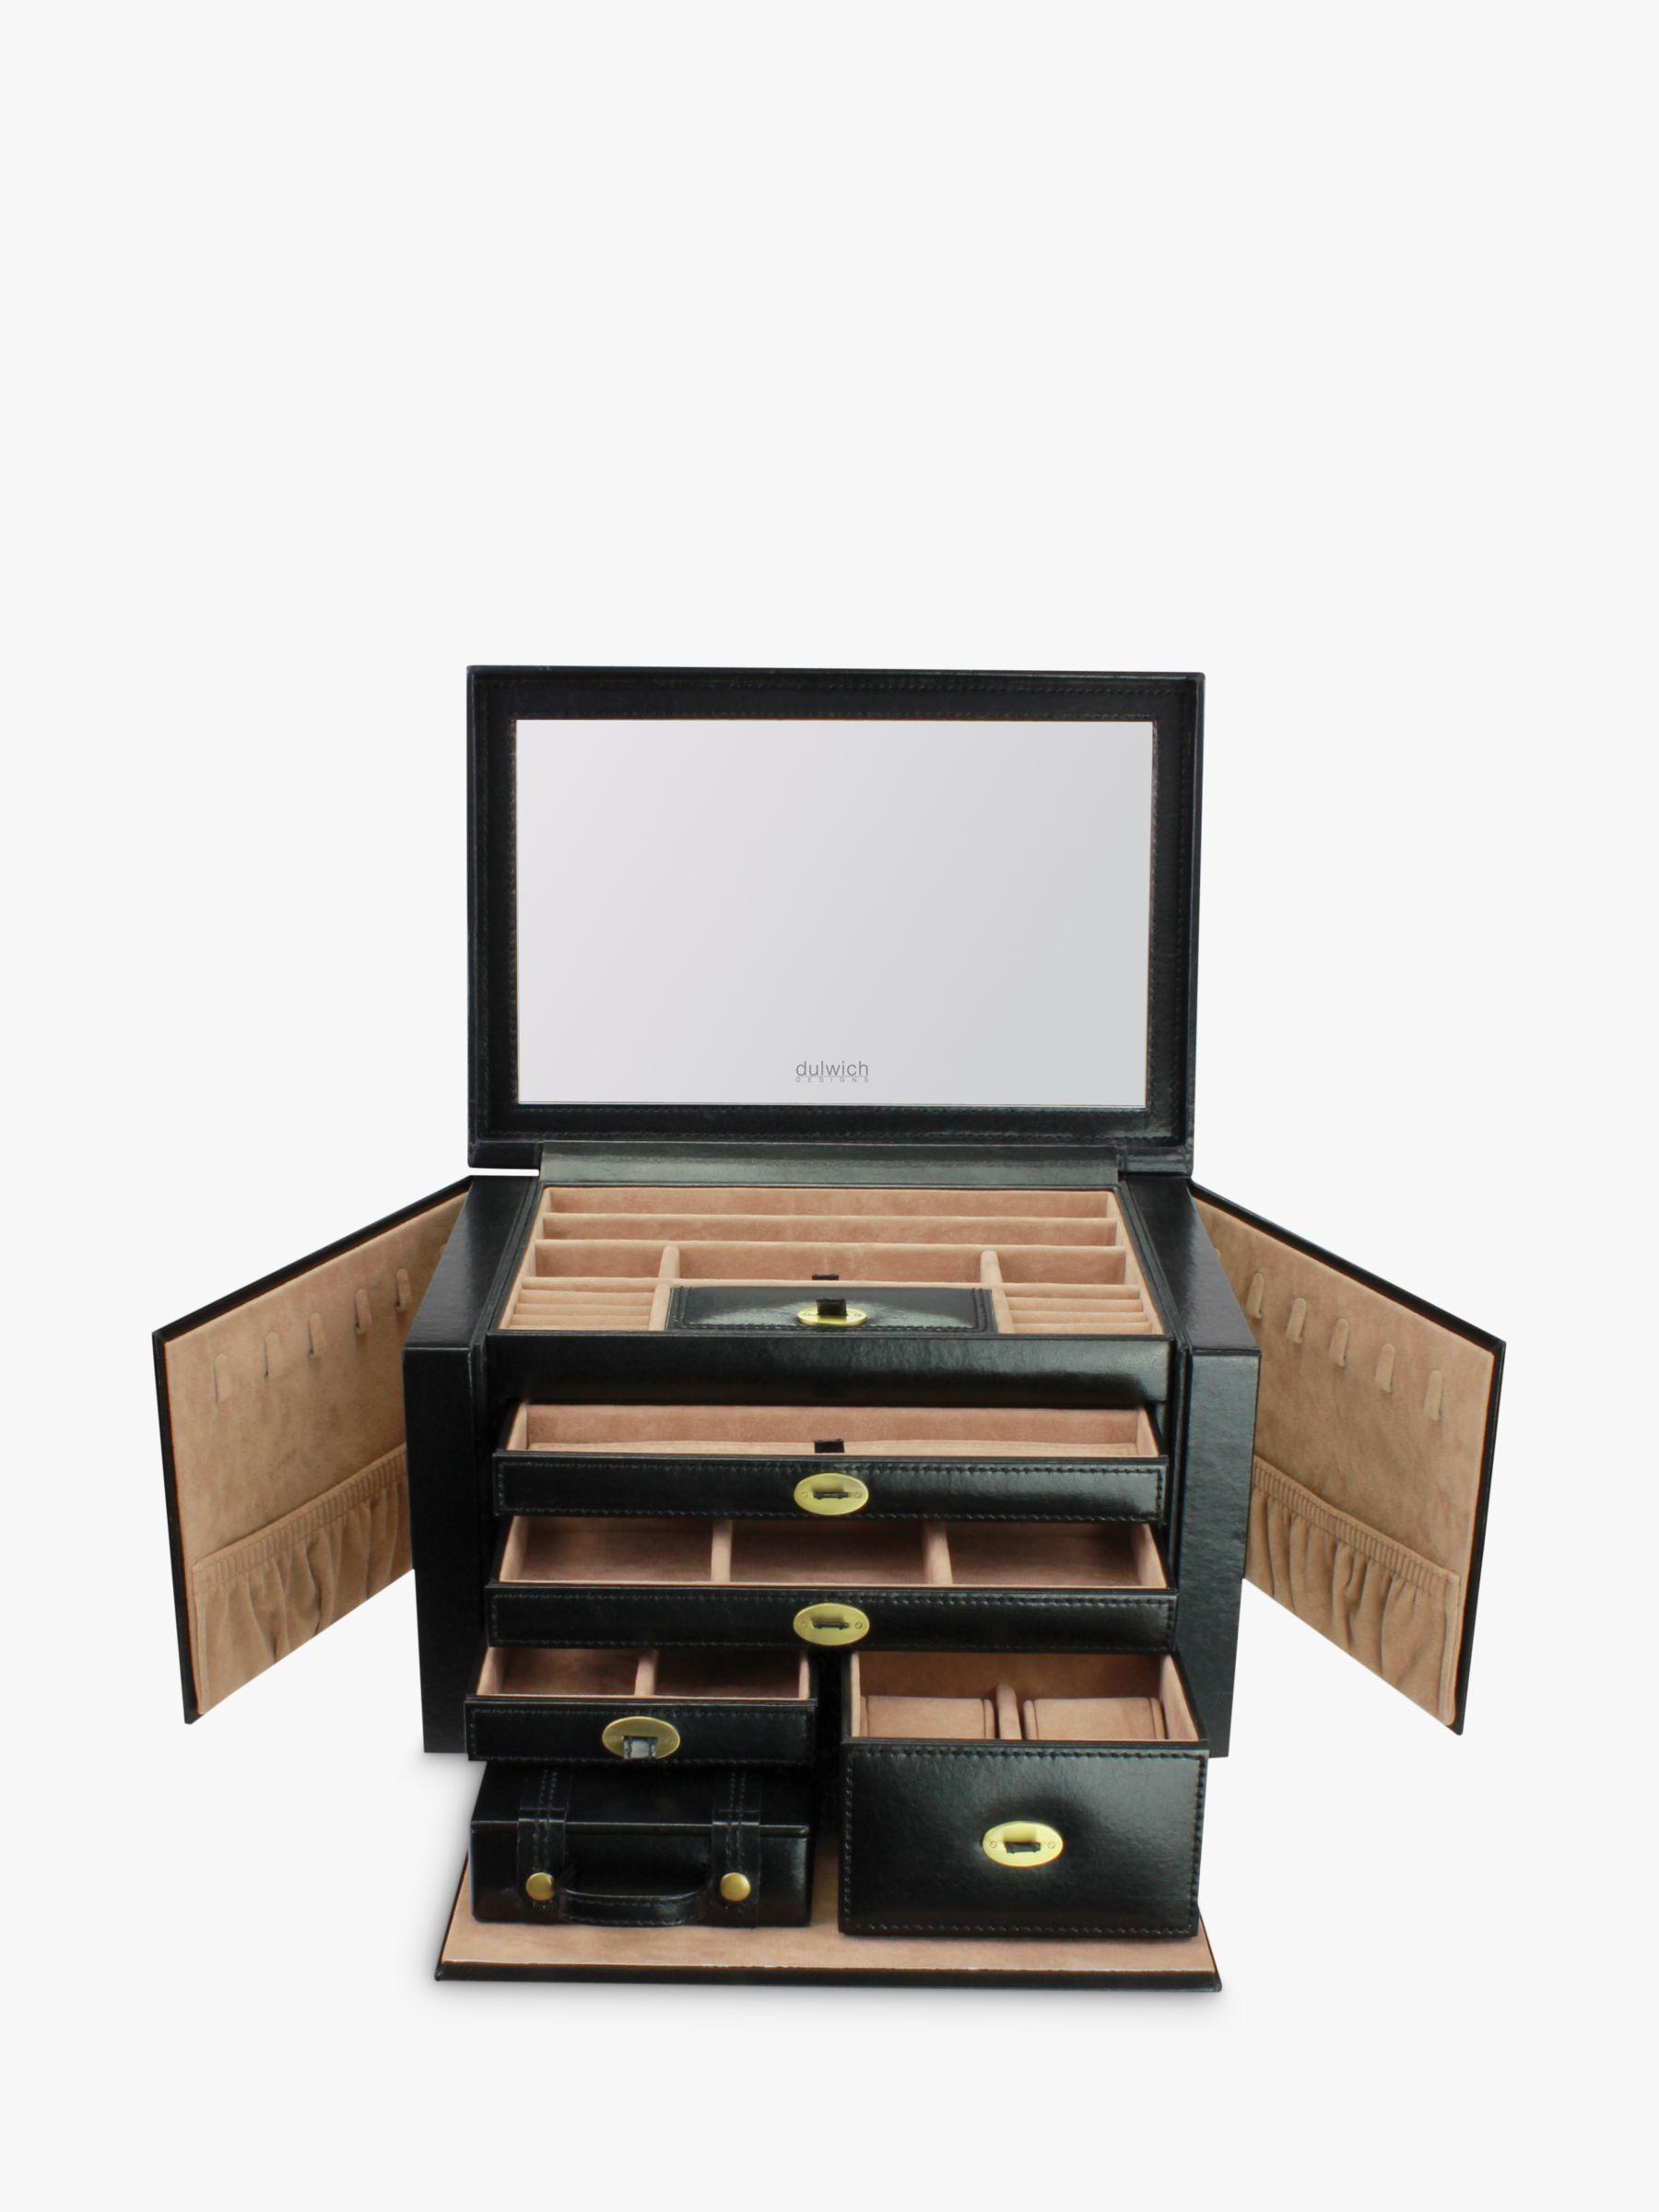 Dulwich Designs DDH XL JEWLRY BOX BLACK